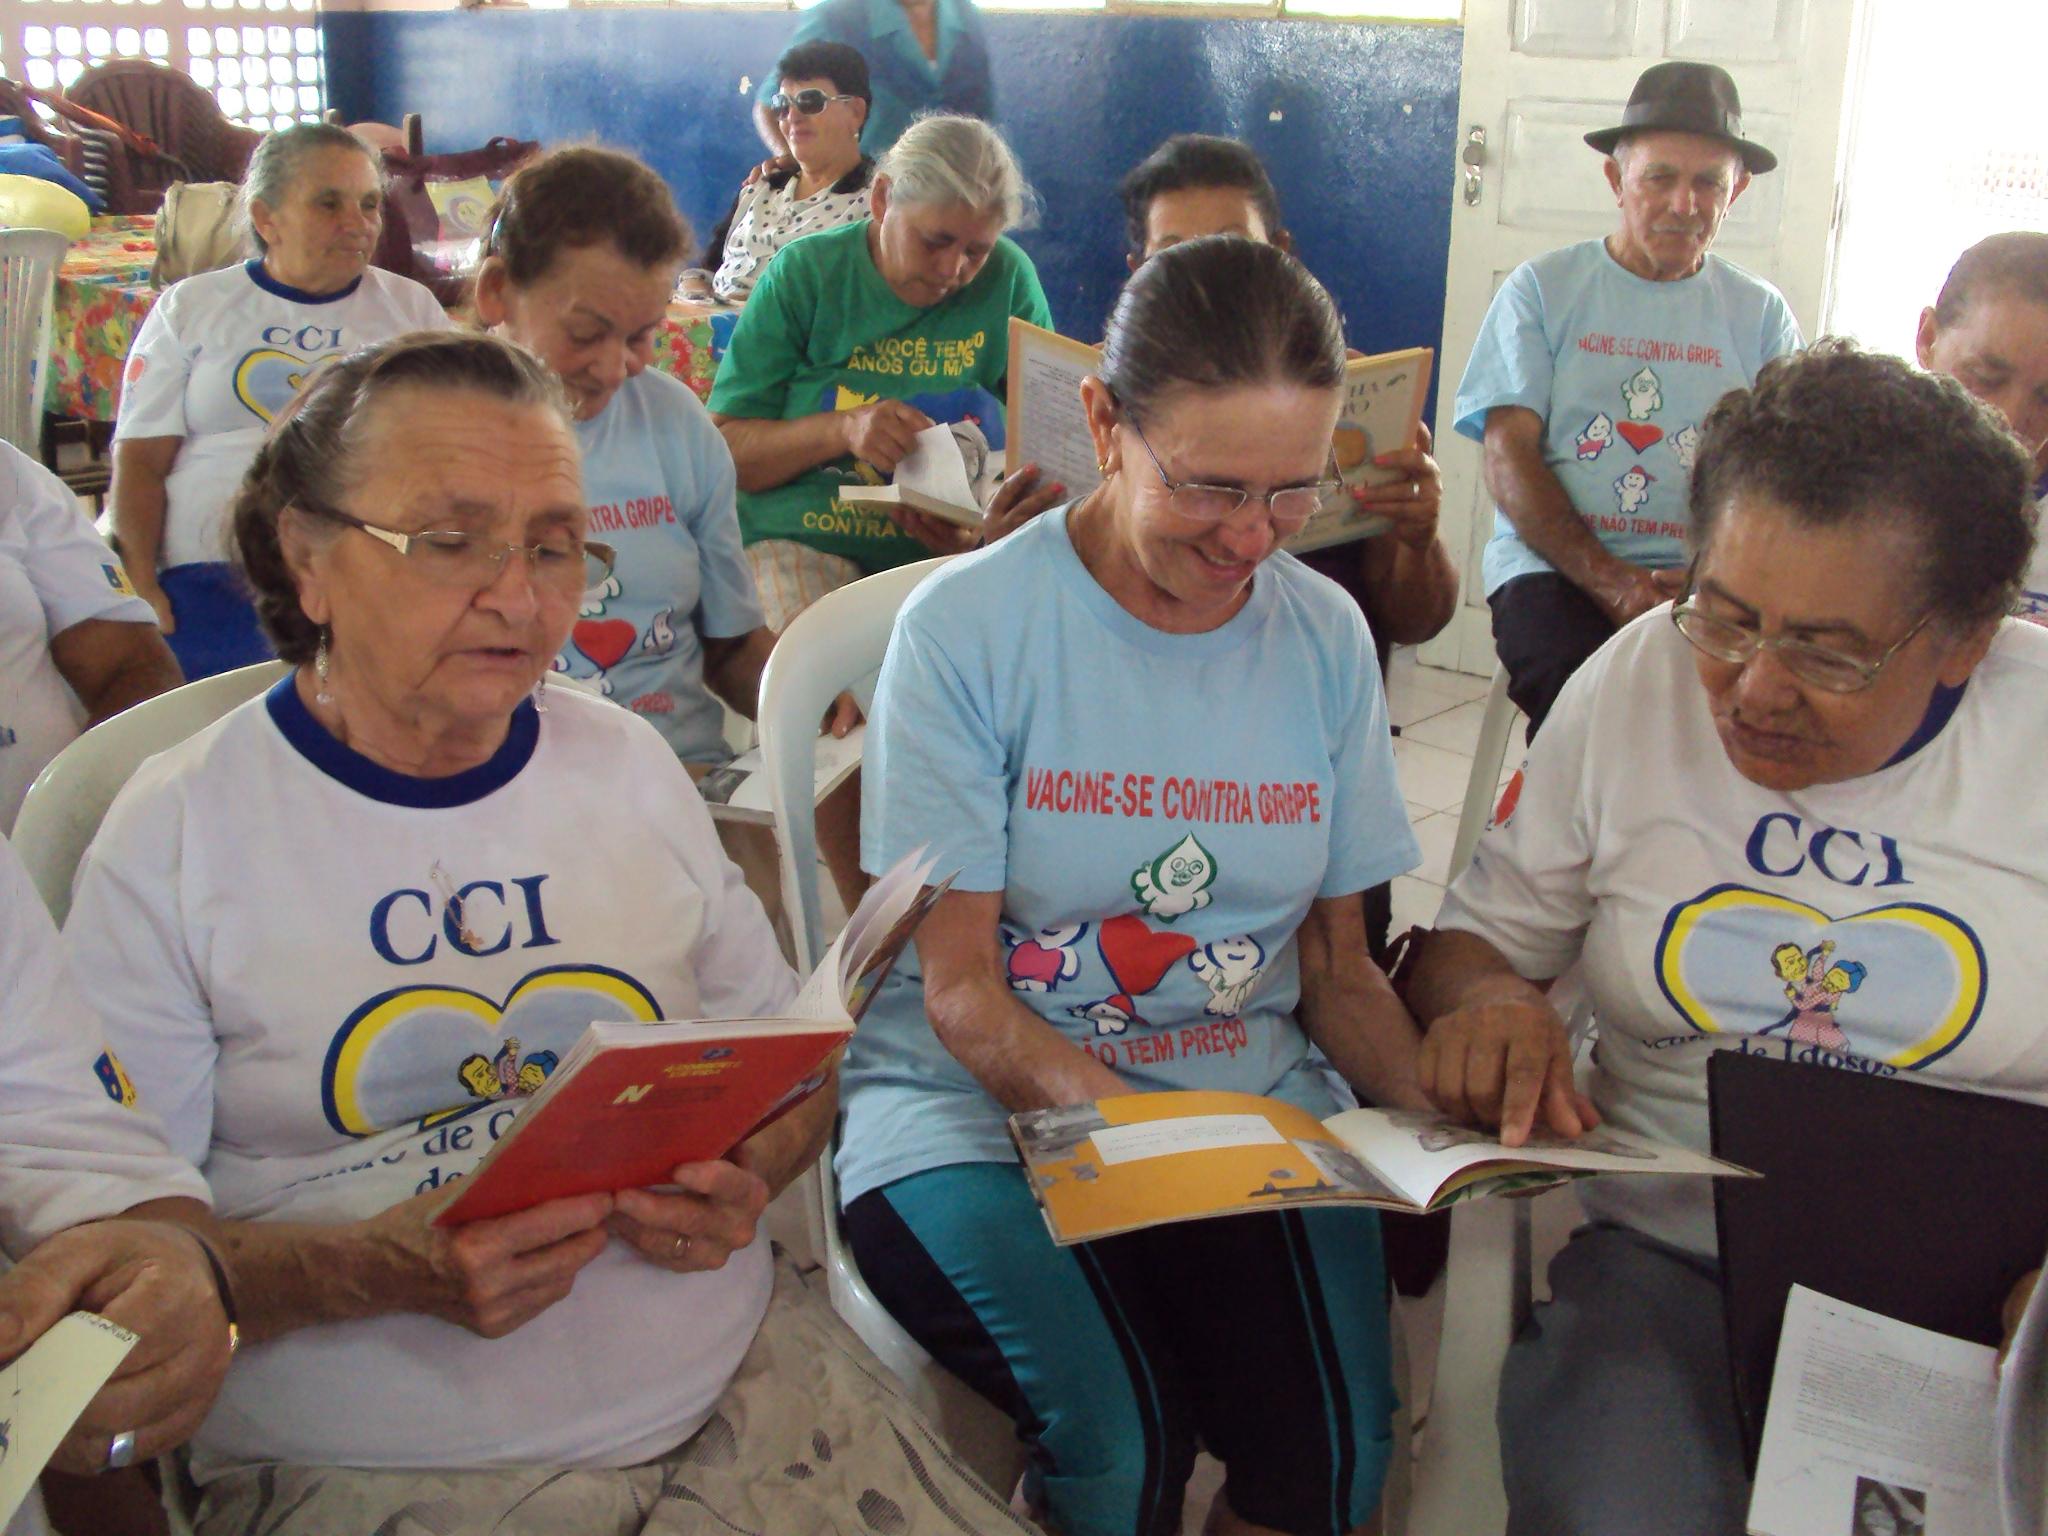 Centro de Convivência do Idoso participará da Feira do Livro de Joinville